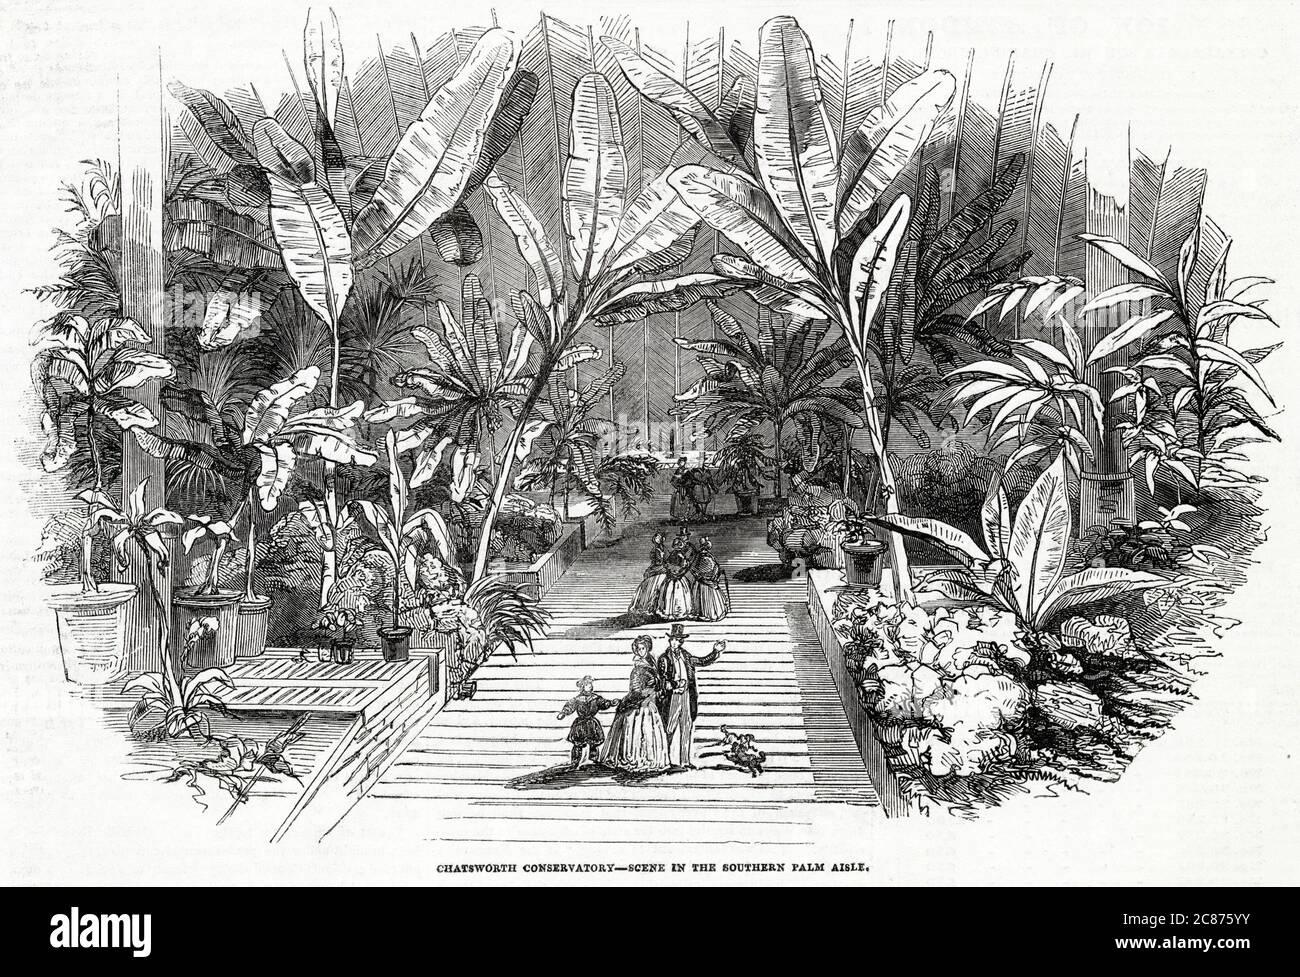 Scène dans l'allée de palmiers sud. Date: 1846 Banque D'Images